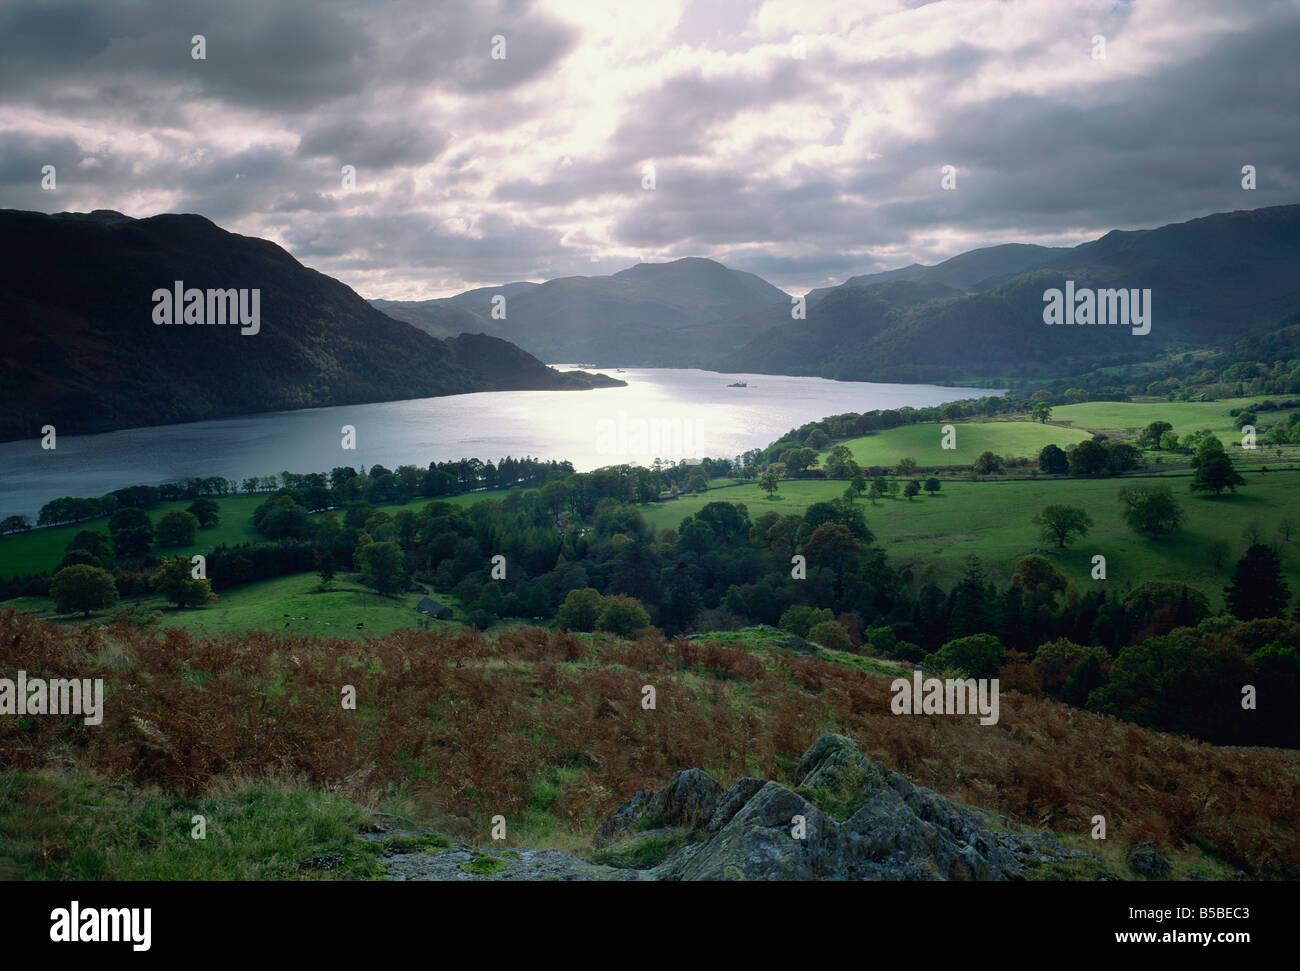 Ullswater, Parco Nazionale del Distretto dei Laghi, Cumbria, Inghilterra, Europa Foto Stock